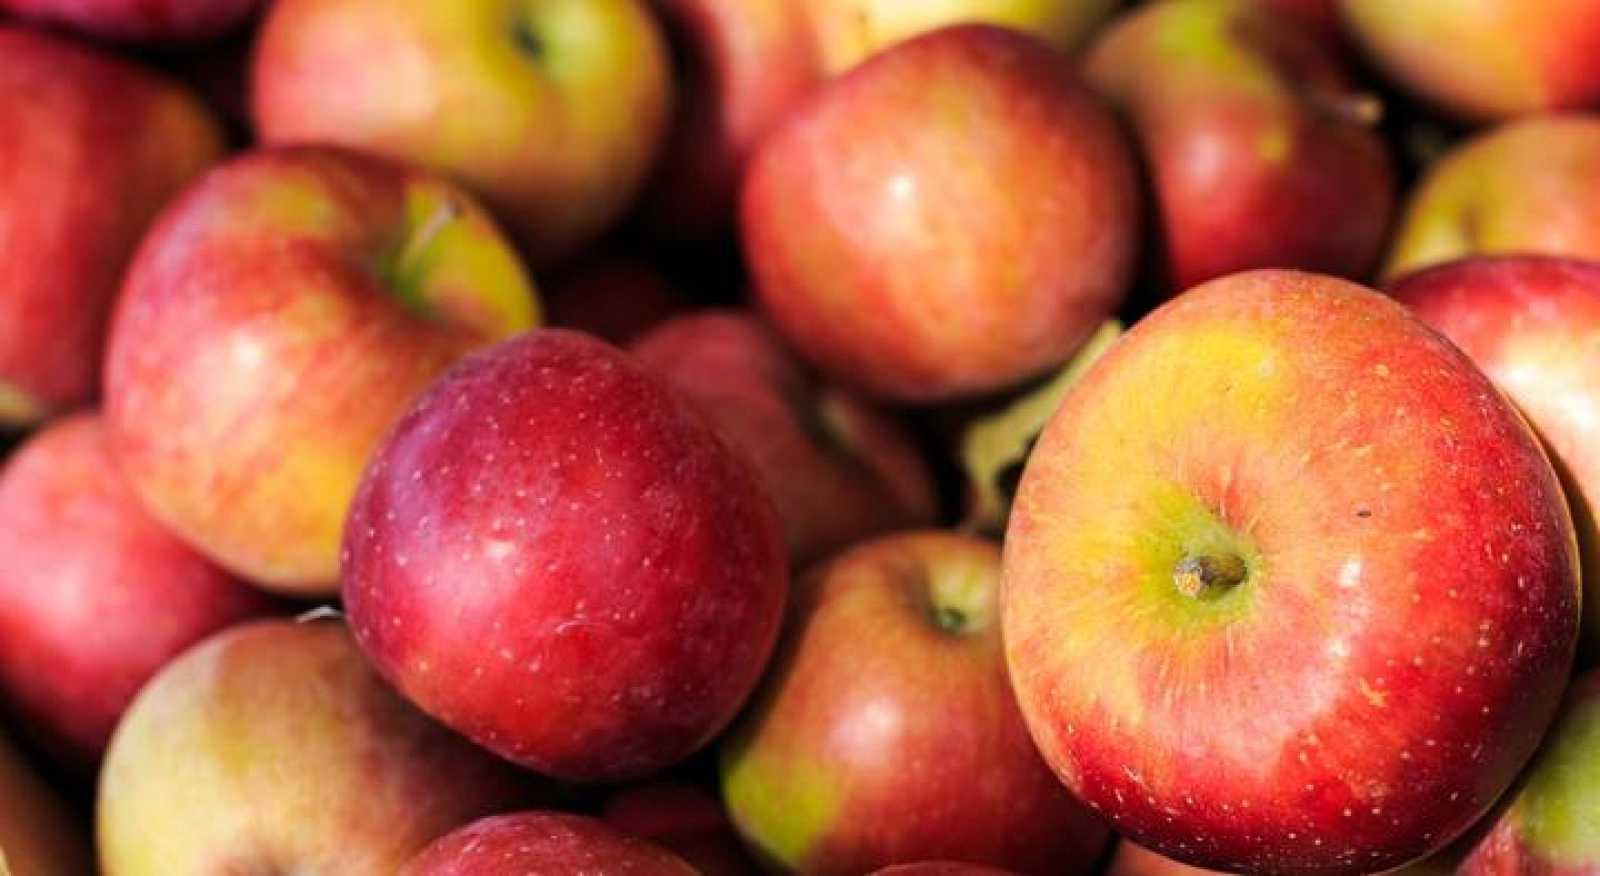 Moléculas presentes en la manzana pueden contribuir a reducir la grasa corporal.